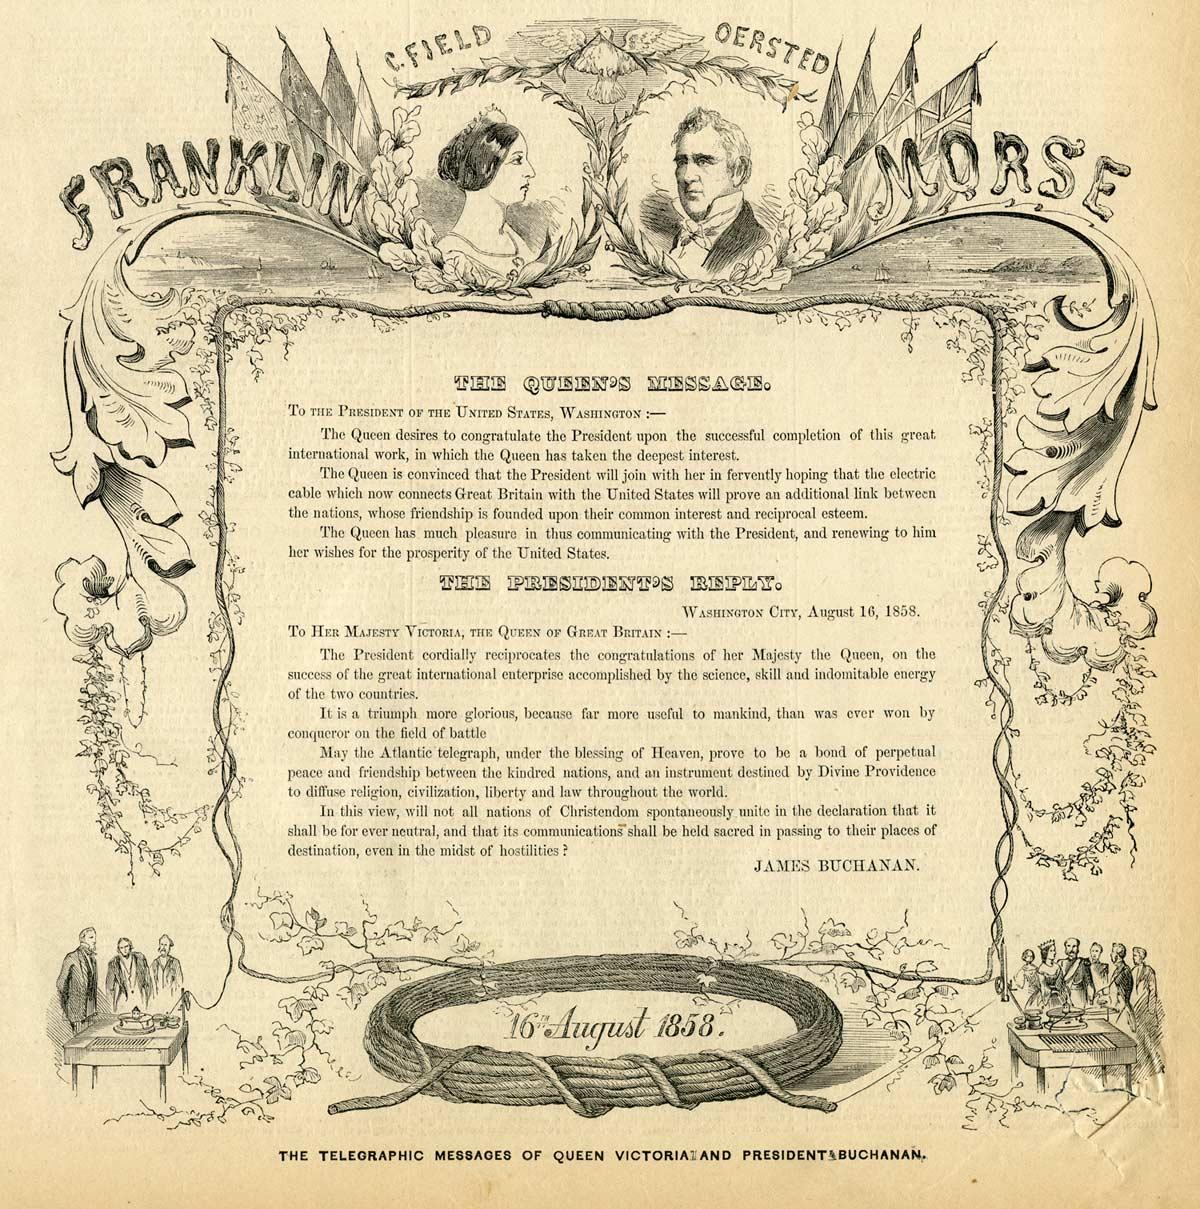 Mensajes telegráficos intercambiados entre la reina Victoria de Inglaterra, y el presidente de Estados Unidos, James Buchanan.